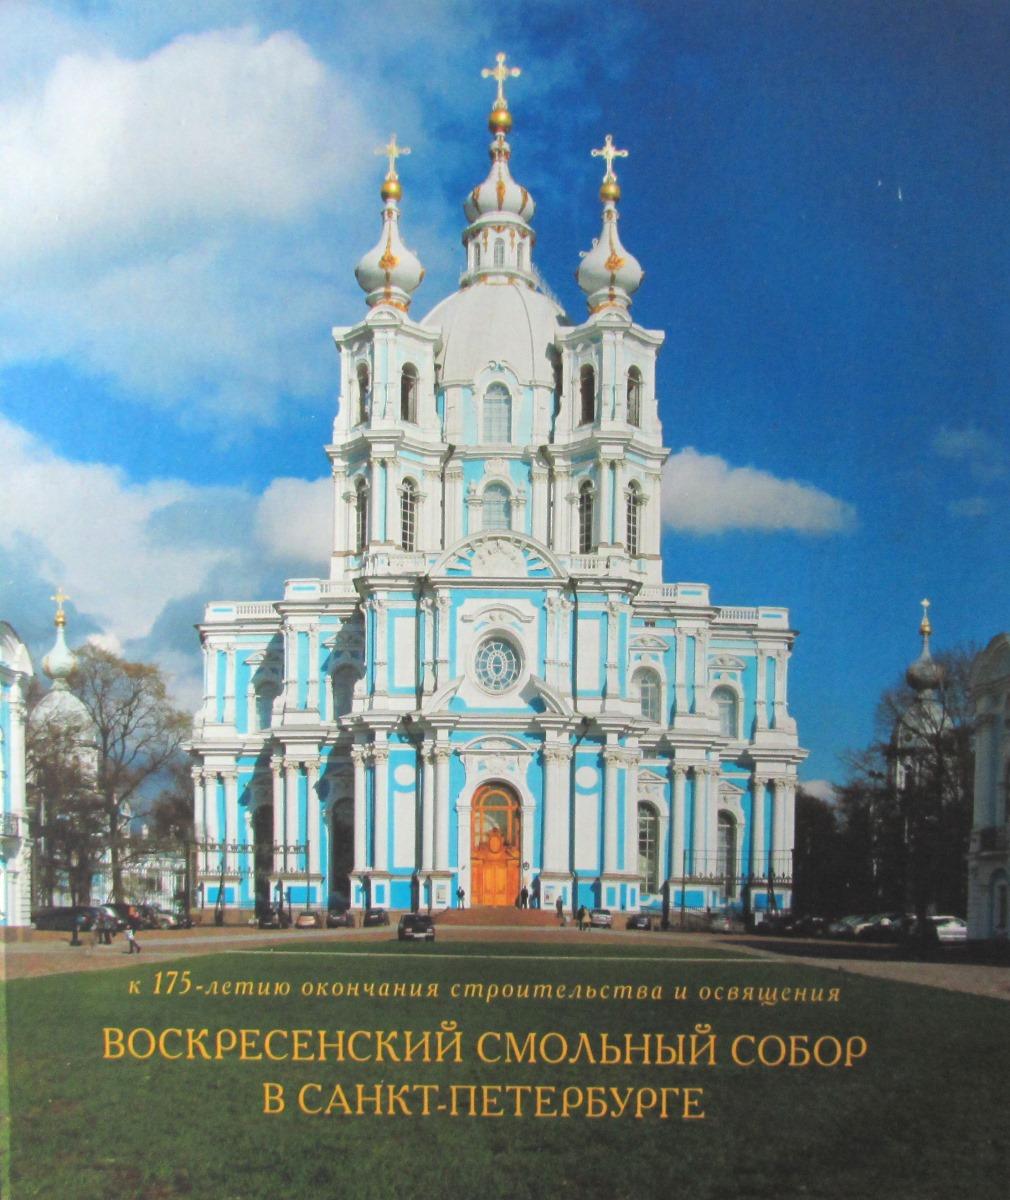 Воскресенский Смольный собор в Санкт-Петербурге